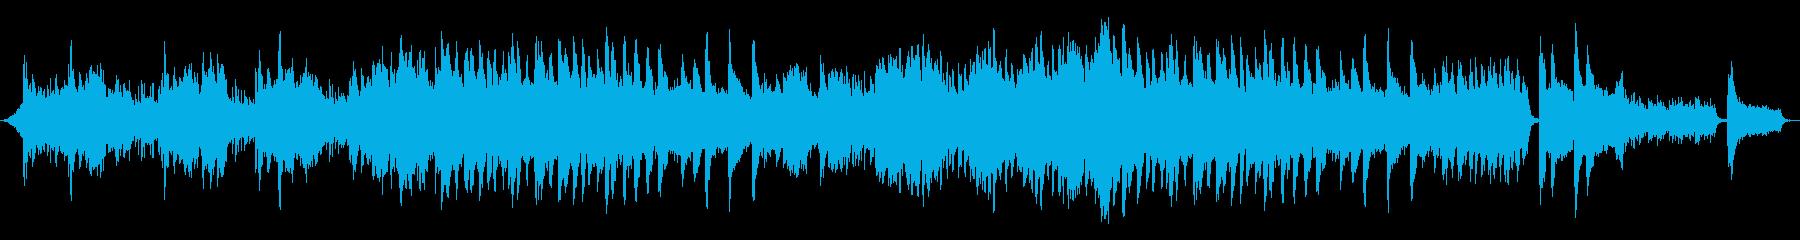 企業VP_未来へのソリューションの再生済みの波形